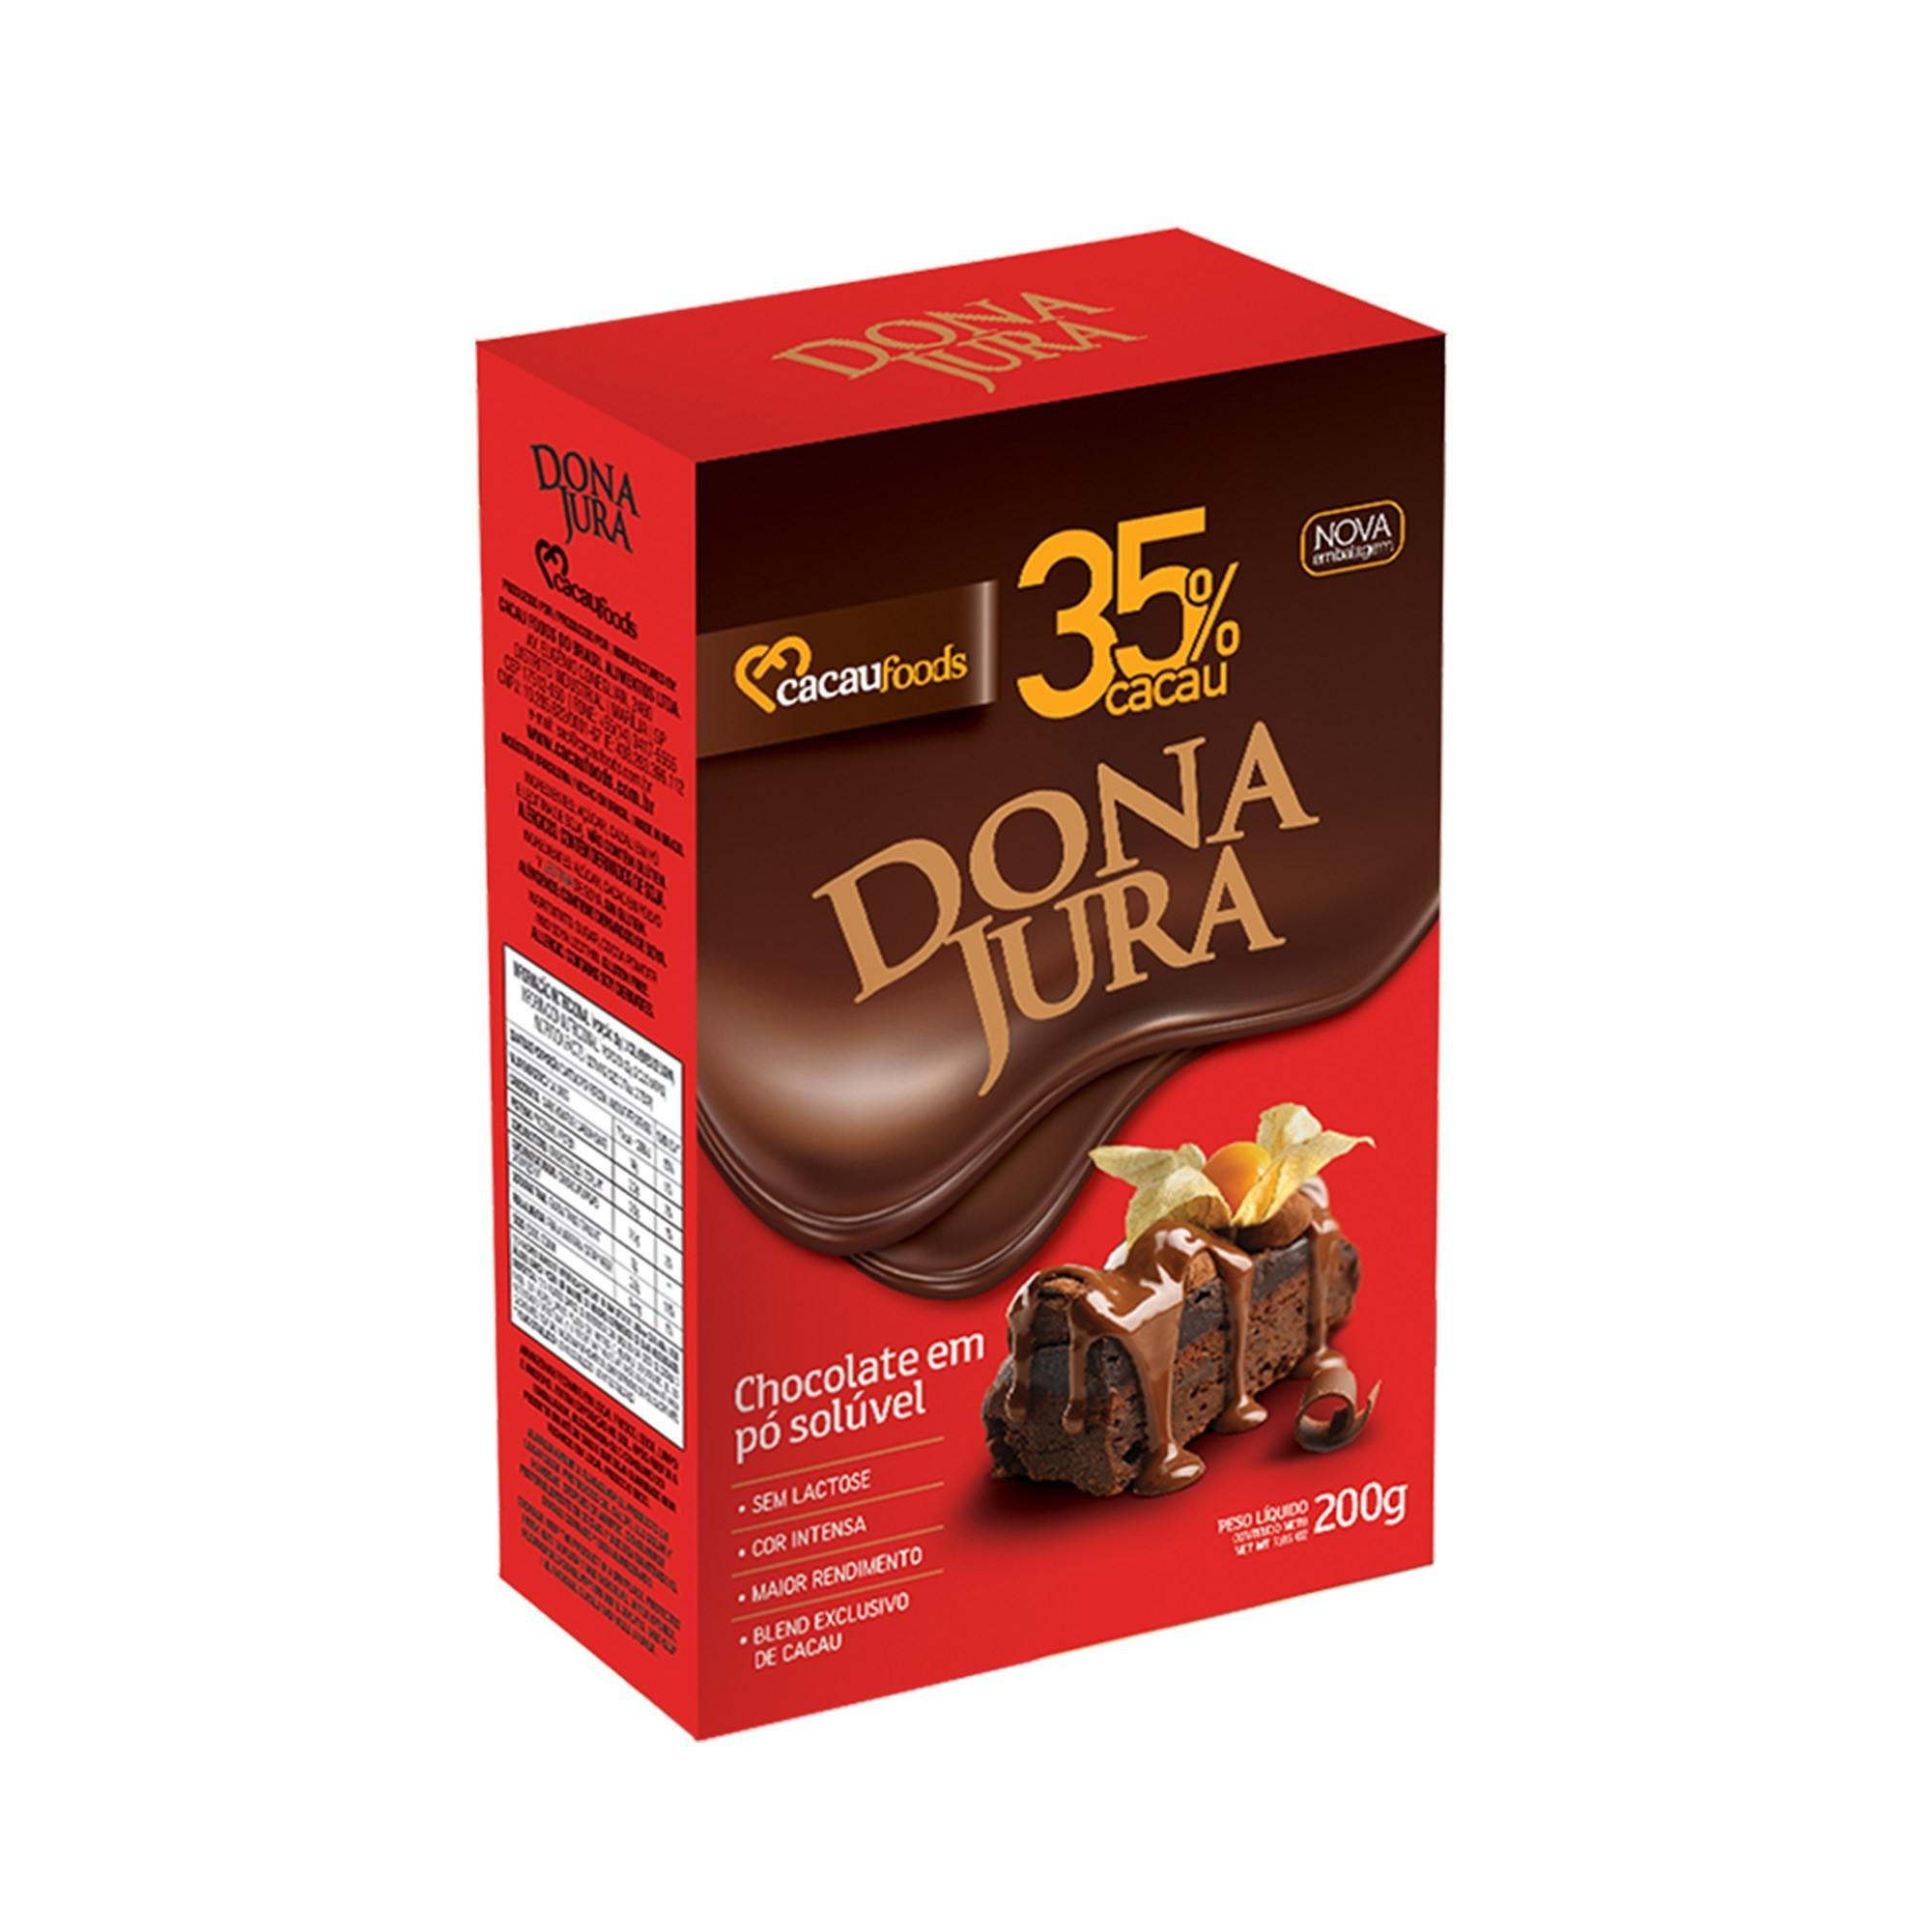 CHOCOLATE EM PÓ SOLÚVEL 35% CACAU 200G DONA JURA CACAU FOODS